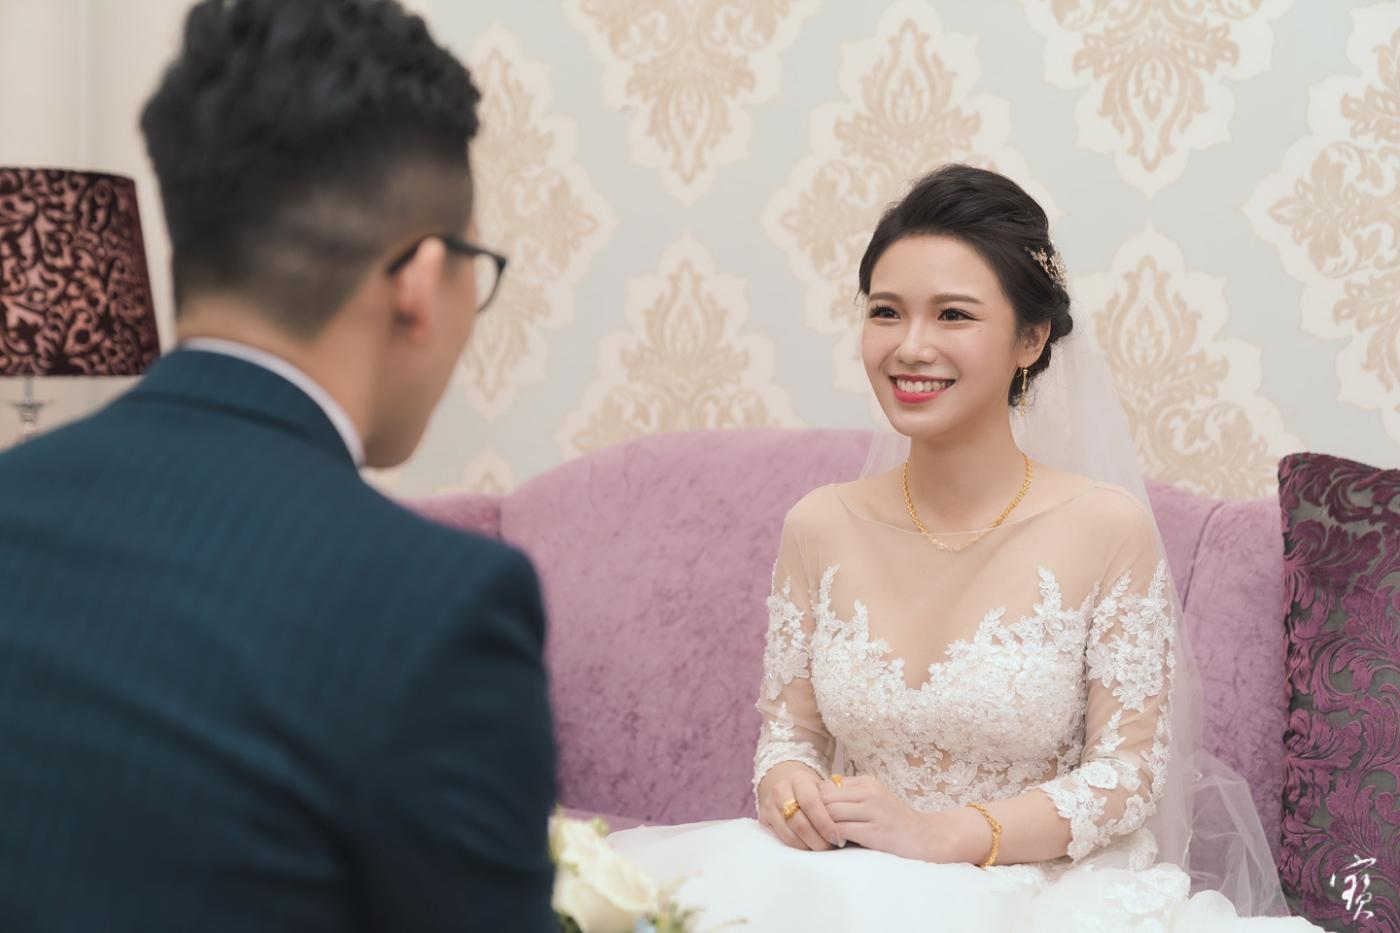 婚禮攝影 婚紗 大直 典華 冬半影像 攝影師大寶 北部攝影 台北攝影 桃園攝影 新竹攝影20181208-173